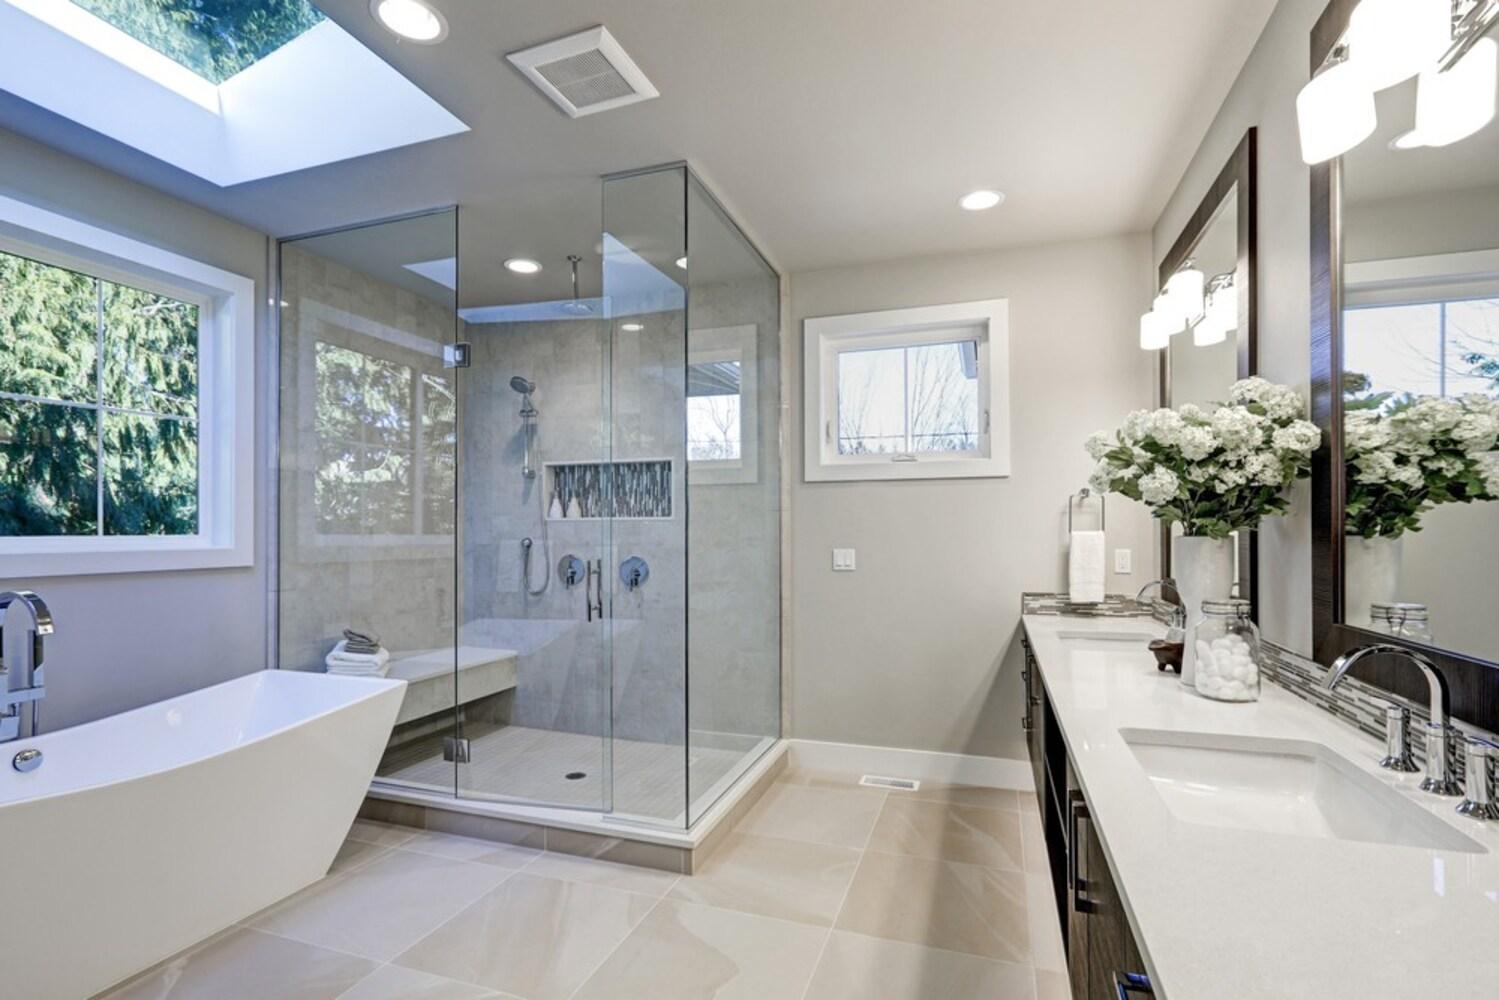 掃除場所|洗浄したい箇所の材質に注意